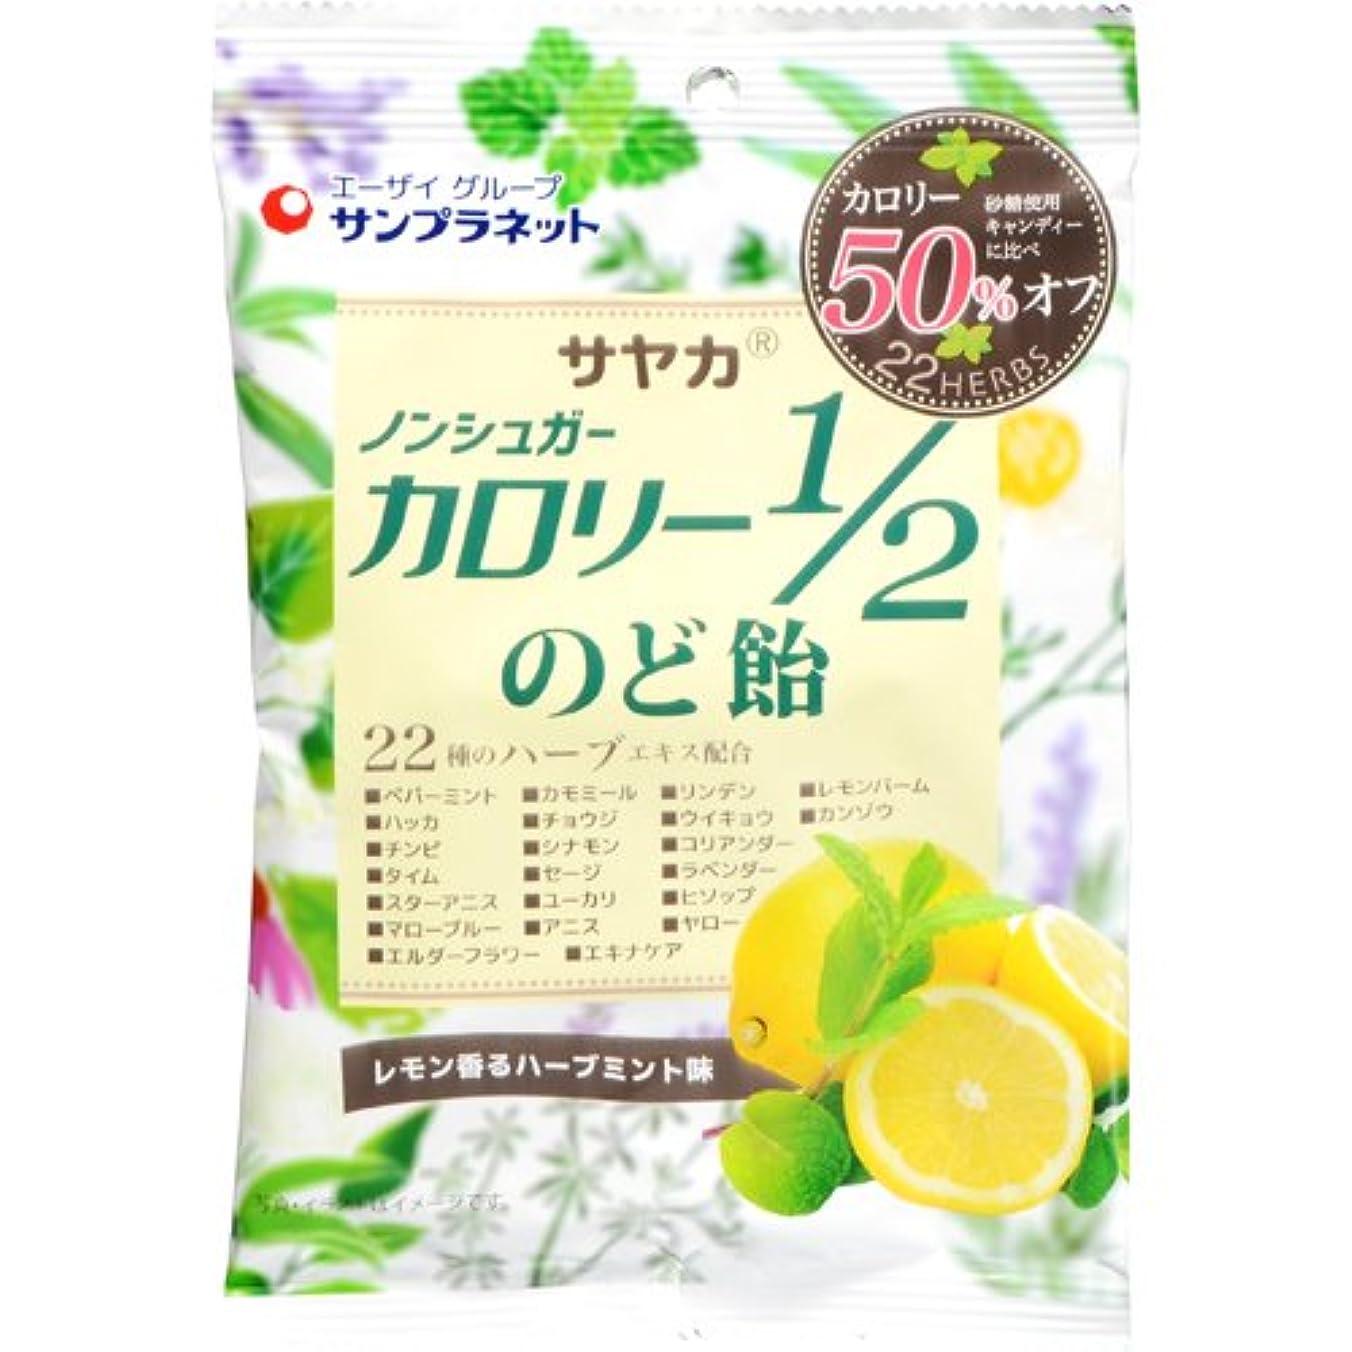 証明する多分行為サンプラネット サヤカ ノンシュガー カロリー1/2 のど飴 55g